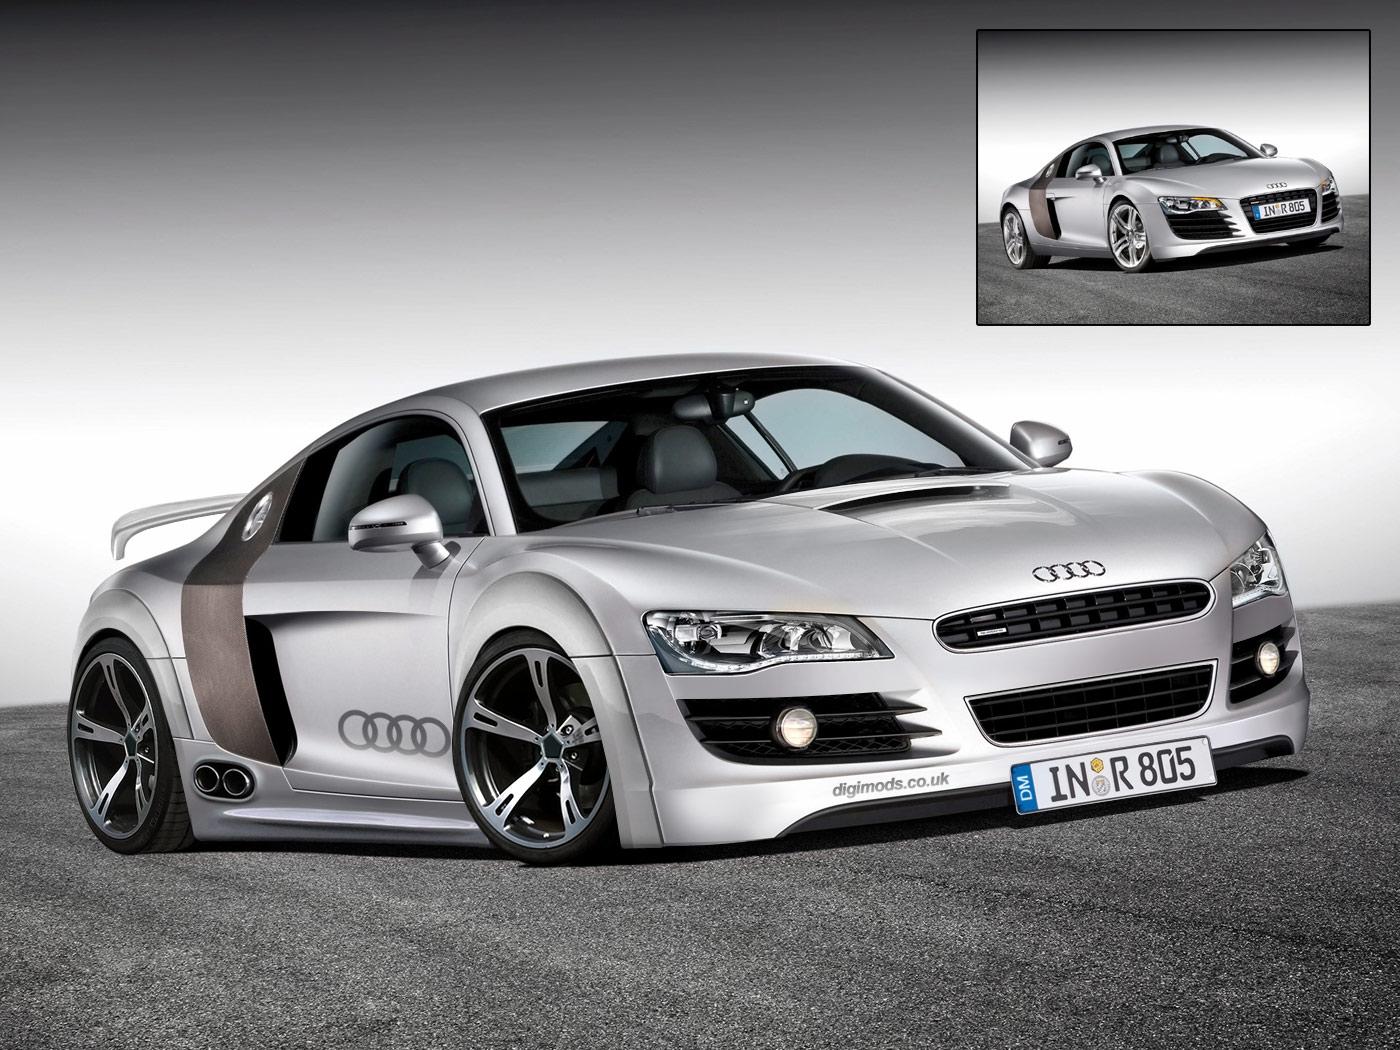 2009 Audi R8 Pictures Cargurus